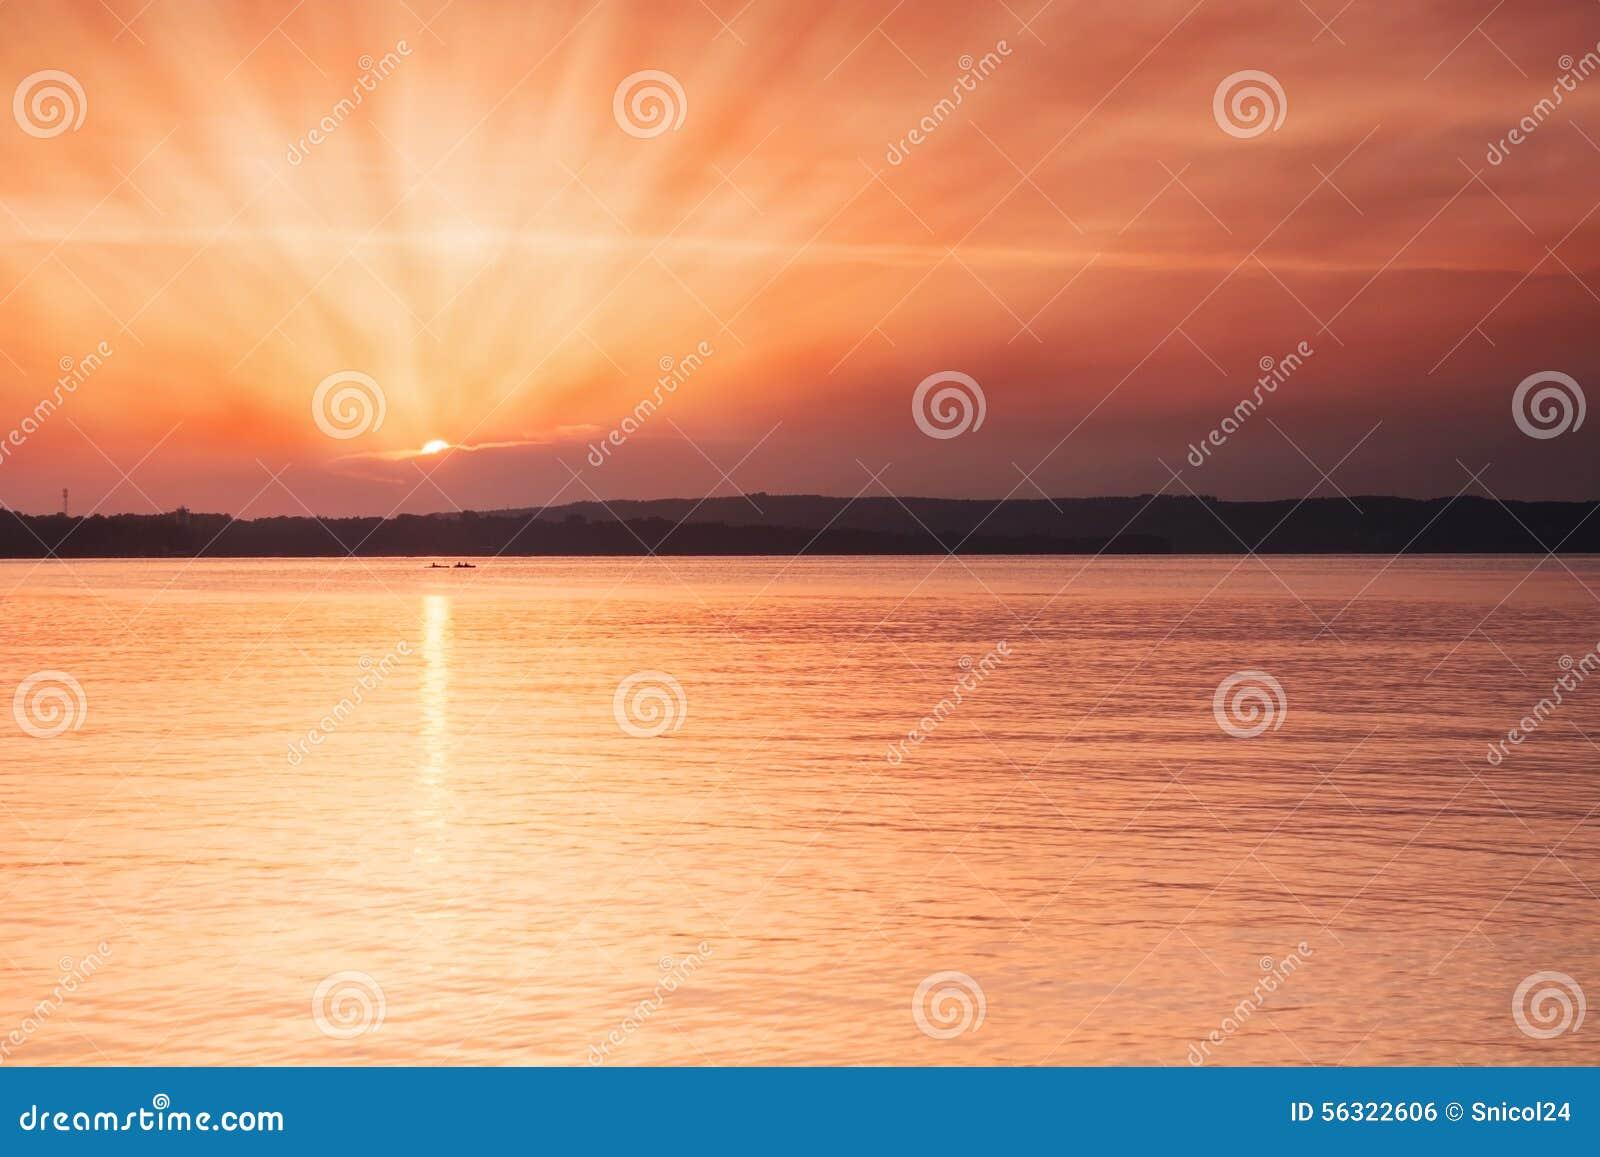 Gouden zonsondergang op strand